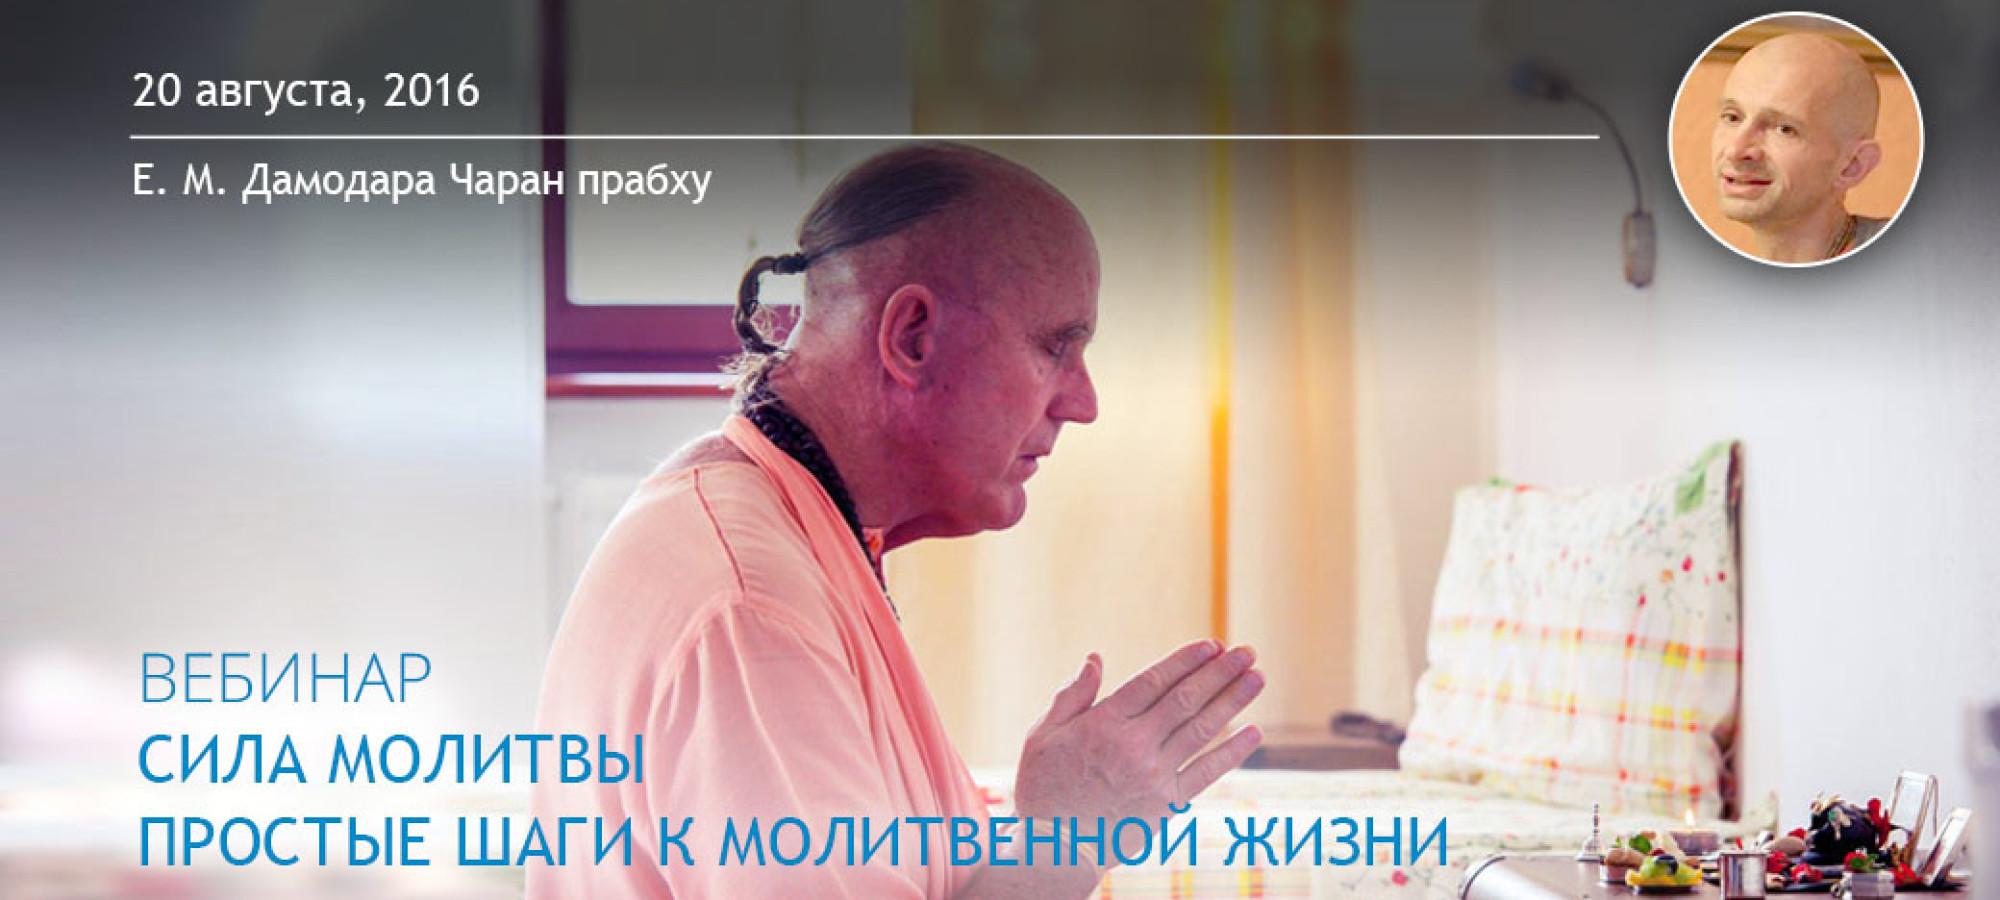 Сила молитвы. Простые шаги к молитвенной жизни